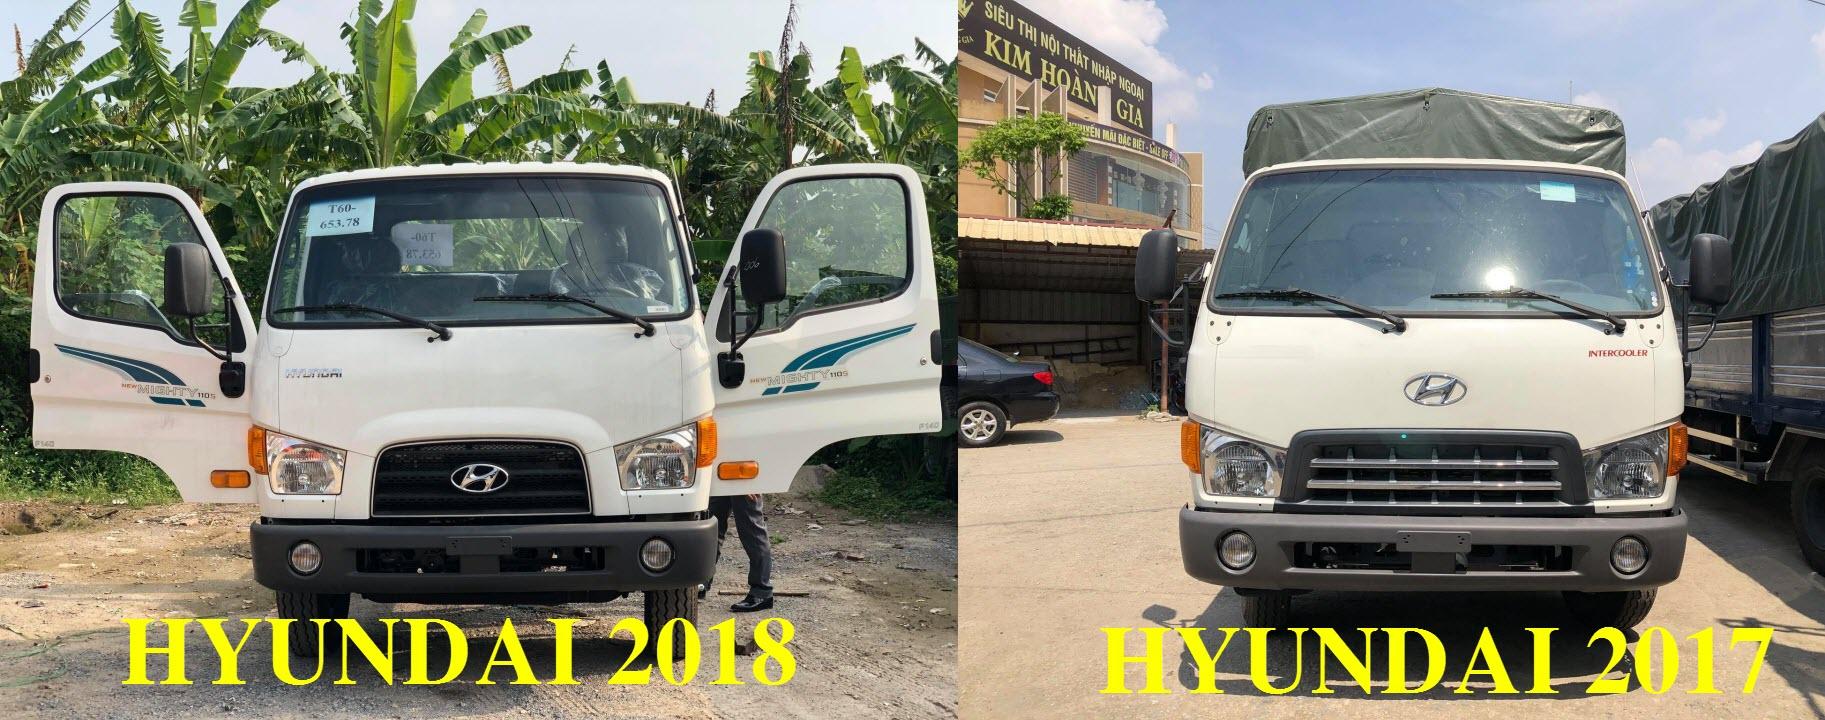 xe tải hyundai 110s khác gì với phiên bản trước